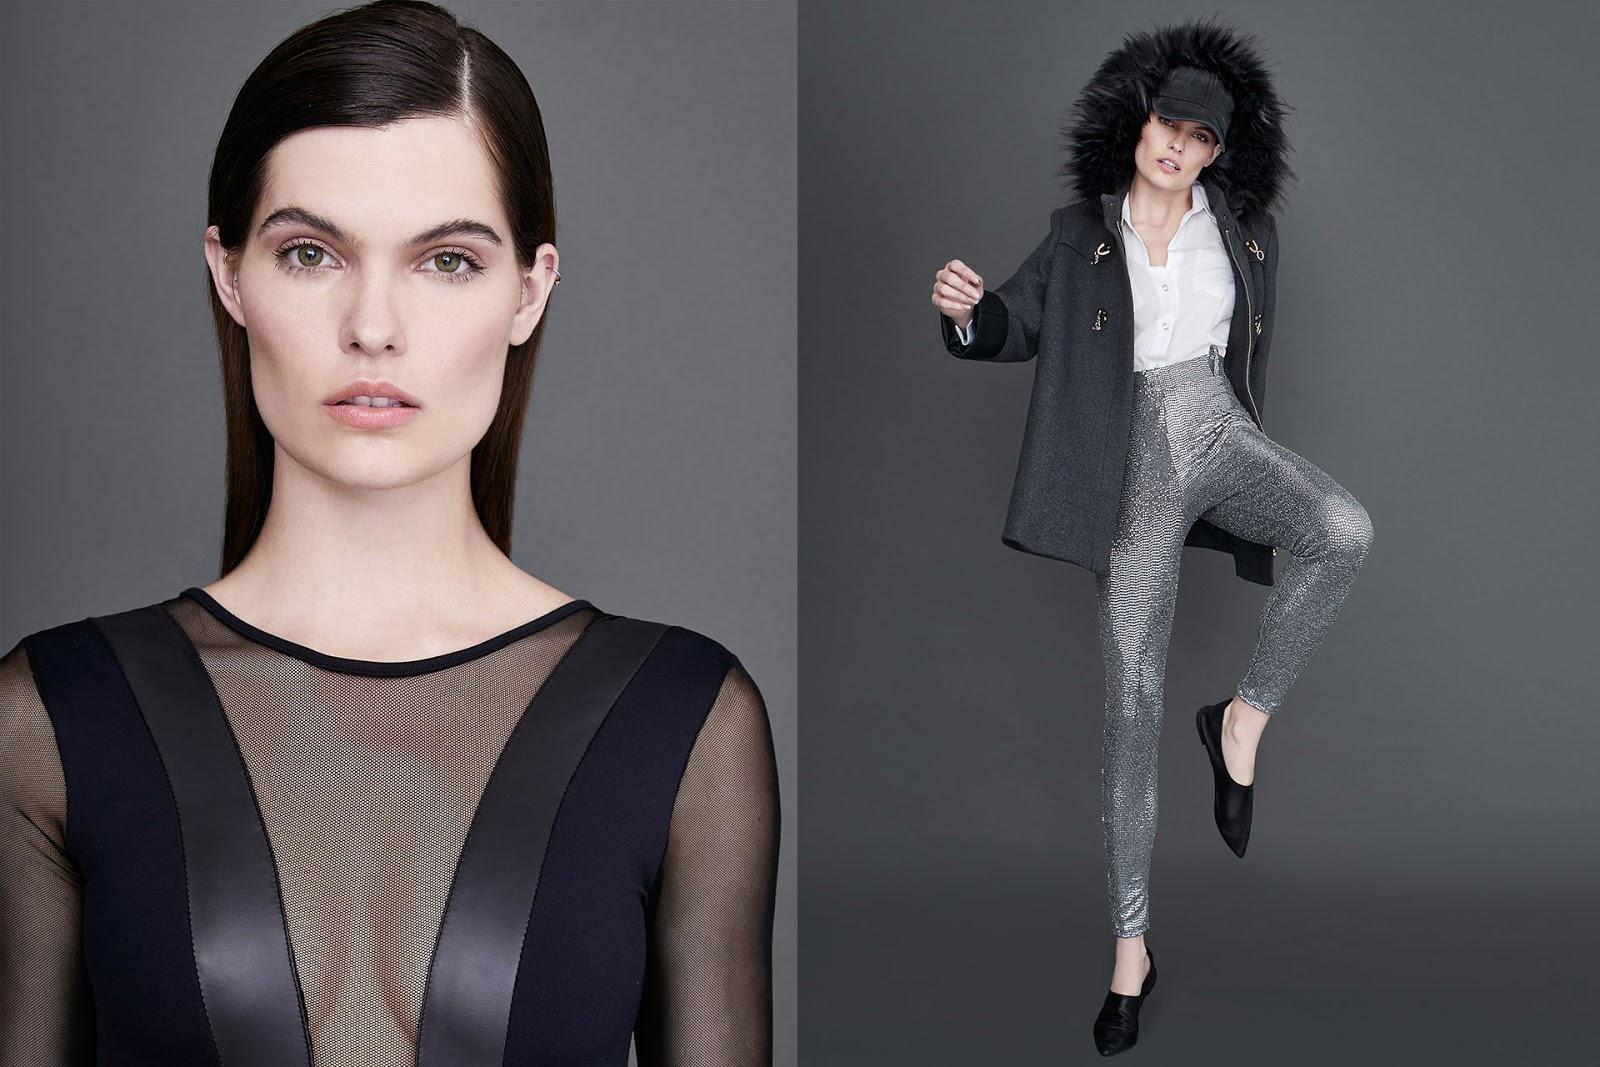 Moda invierno 2020 ropa 2020. Moda invierno 2020.